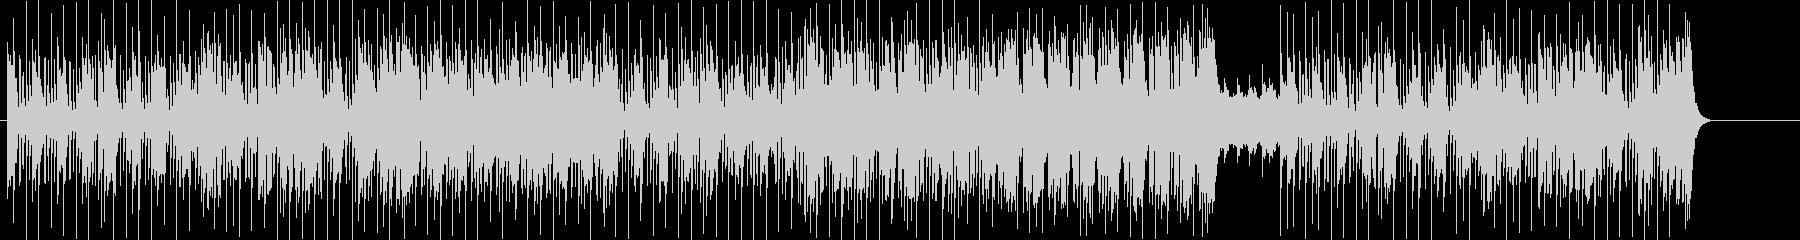 粋なマイナー・ファンキーBGMの未再生の波形